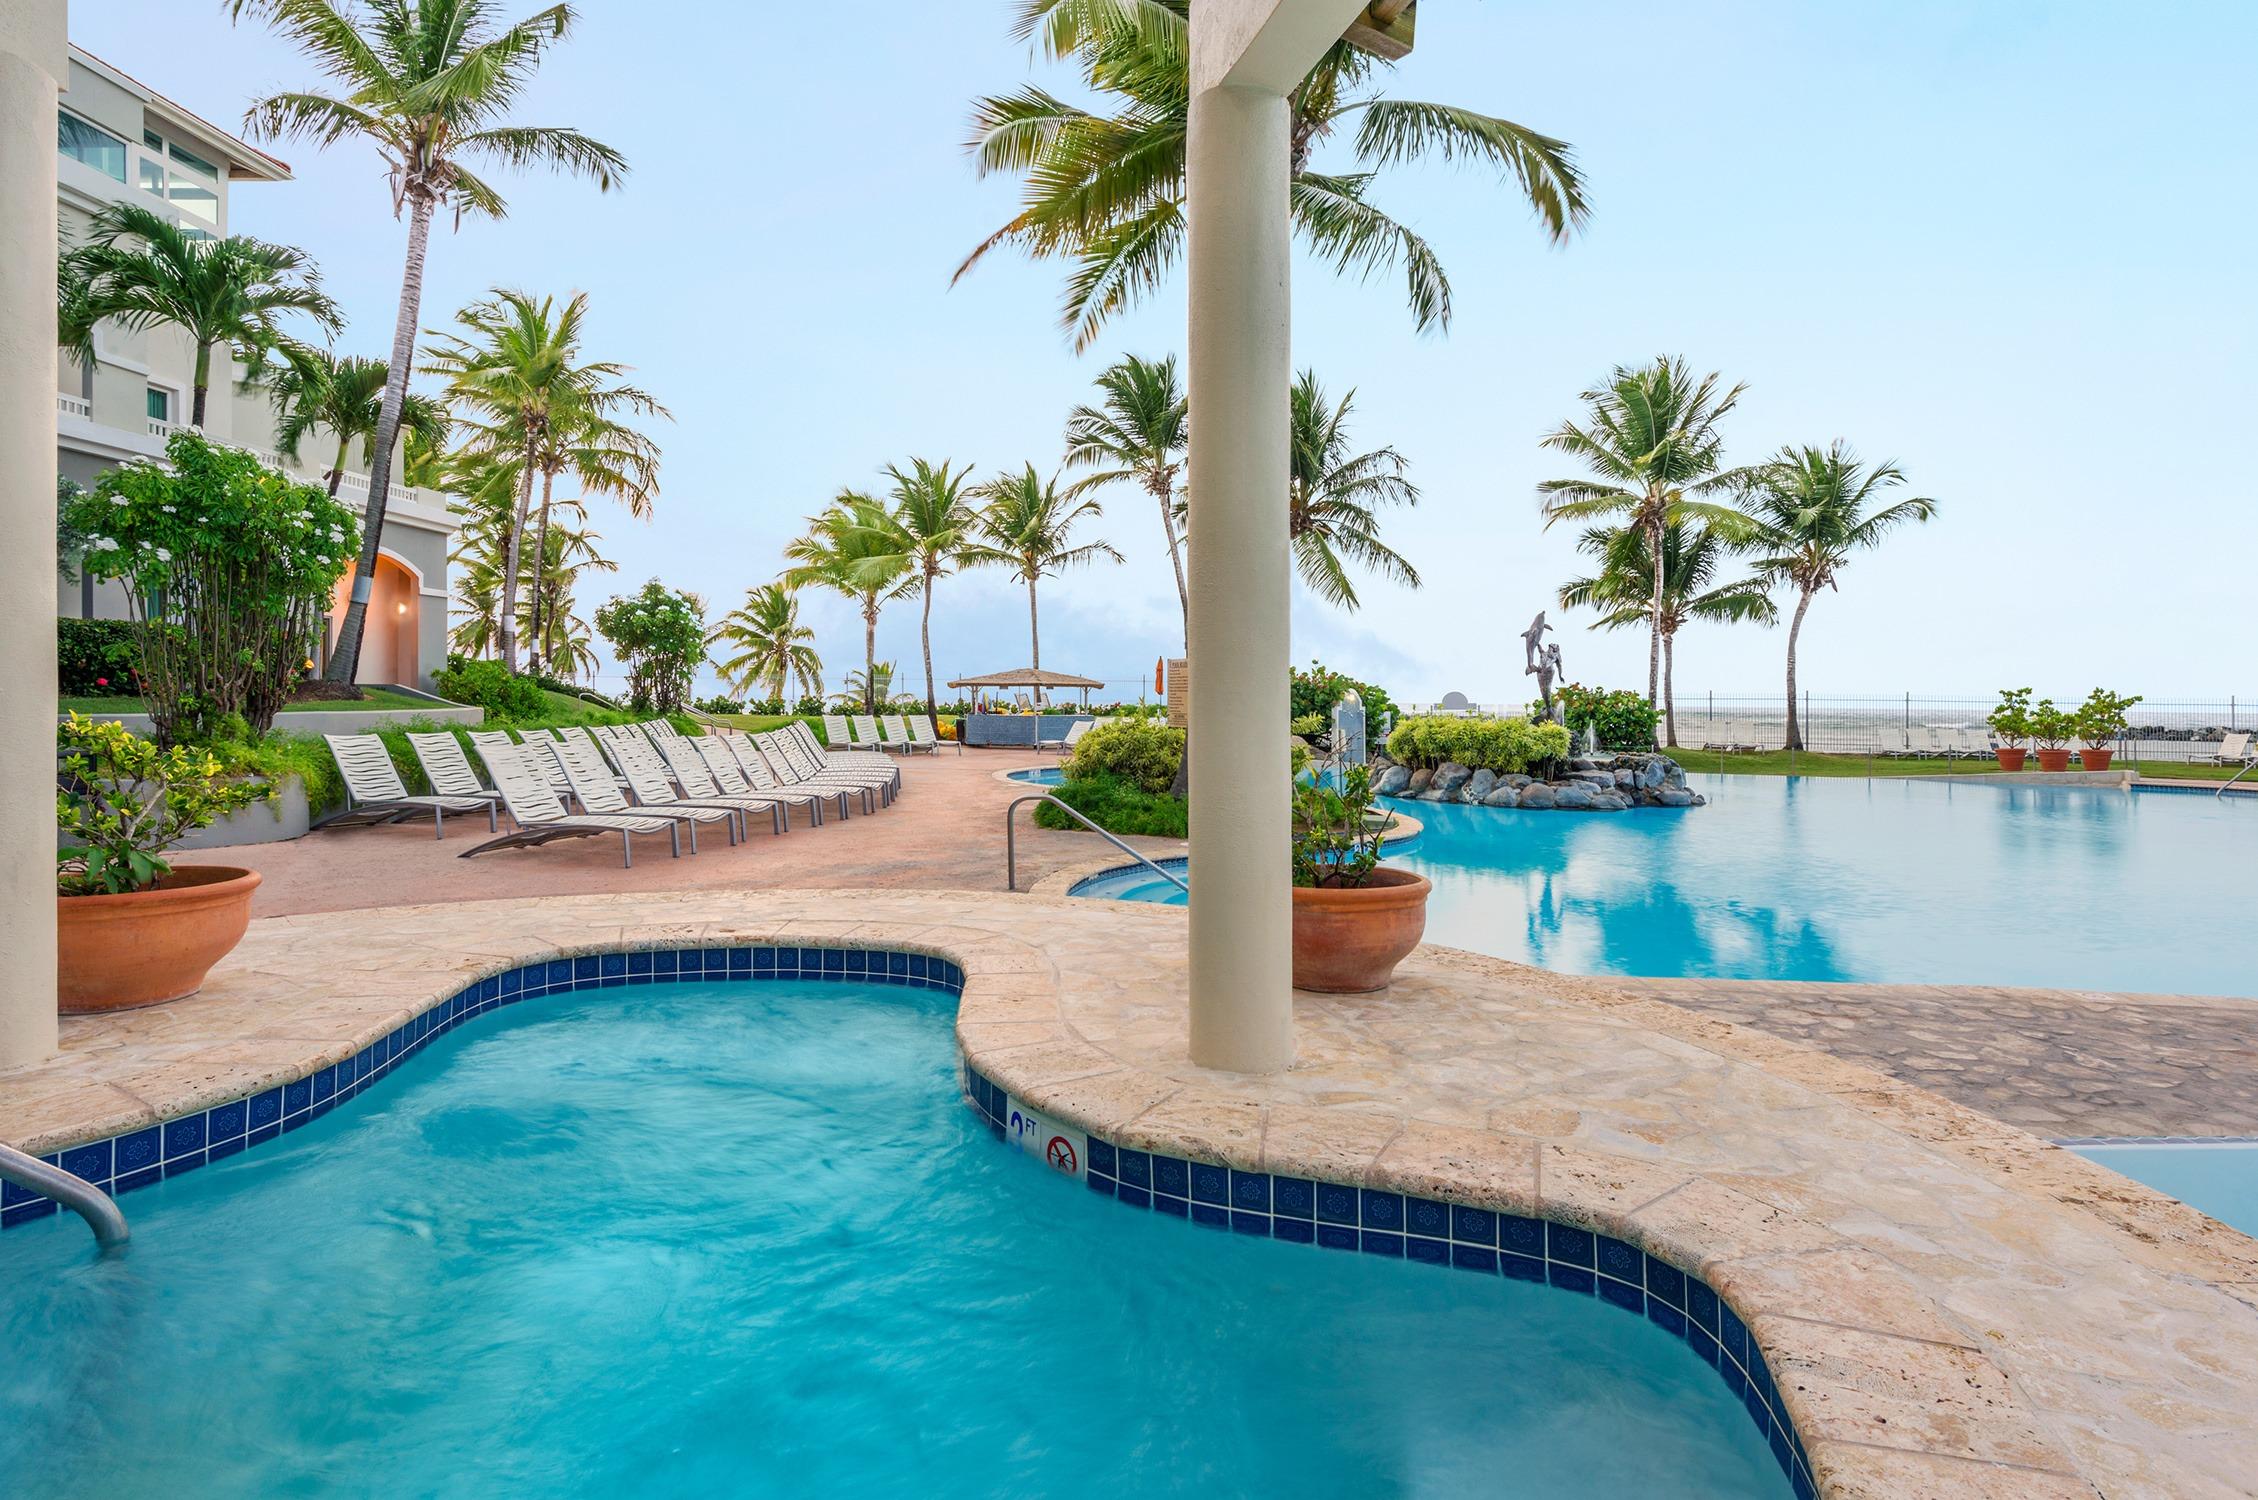 Embassy Suites Dorado Del Mar Beach Resort pool